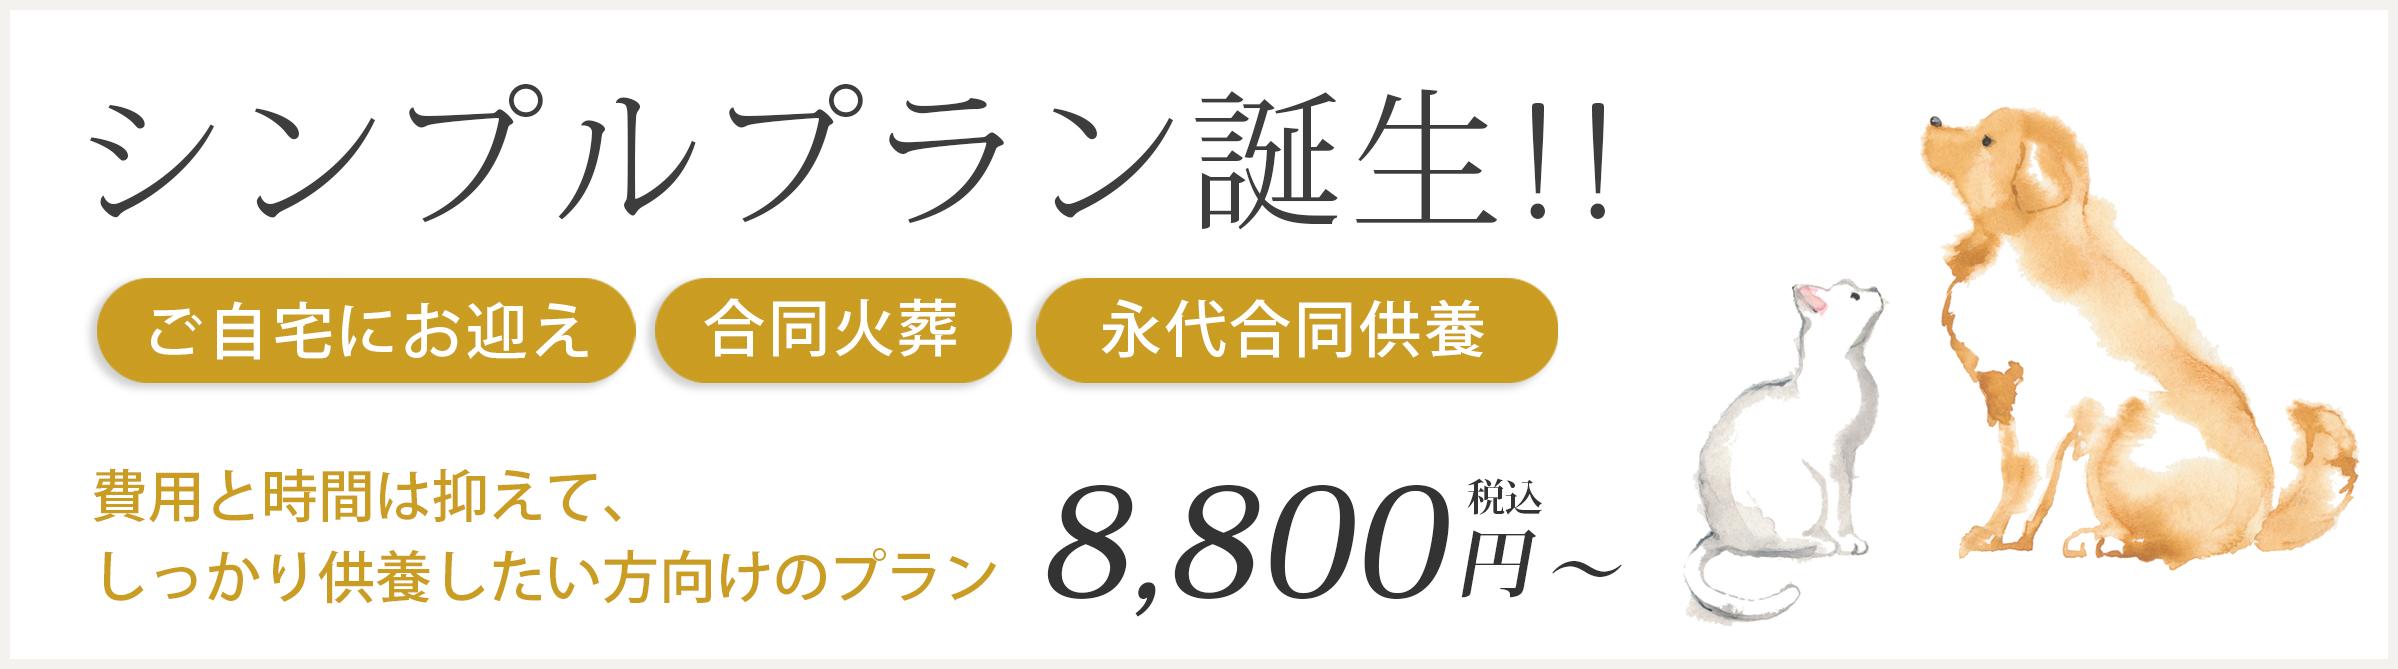 シンプルプラン 8,800円